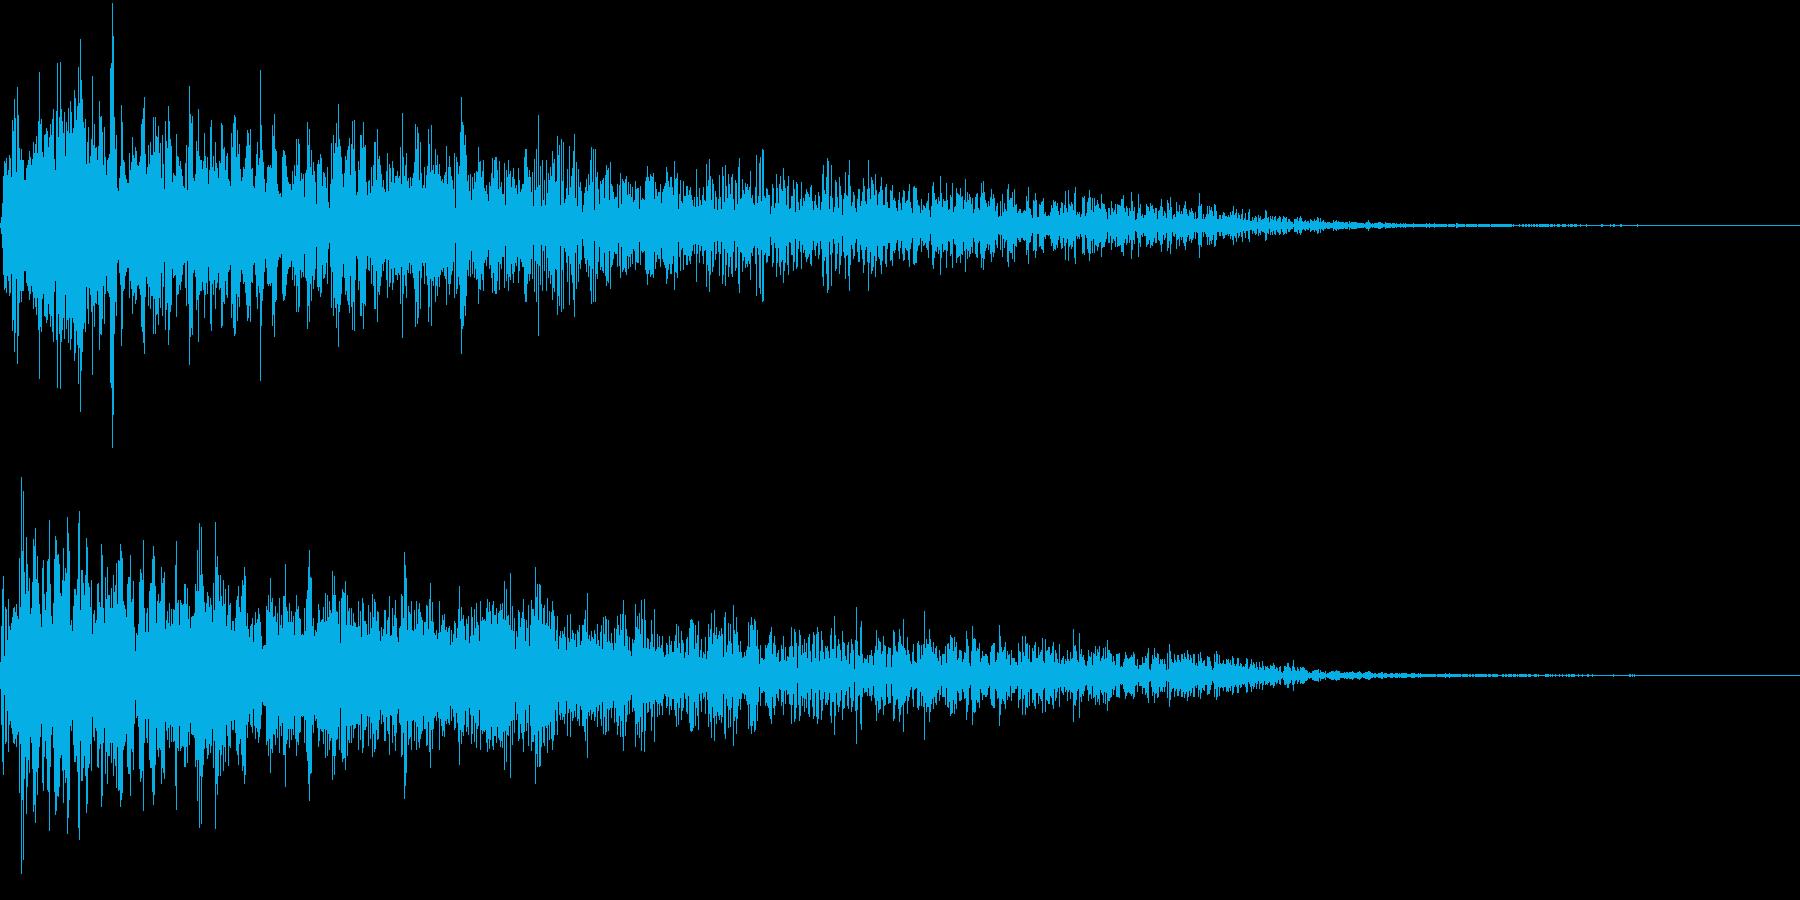 InvaderBuzz 発砲音 13の再生済みの波形